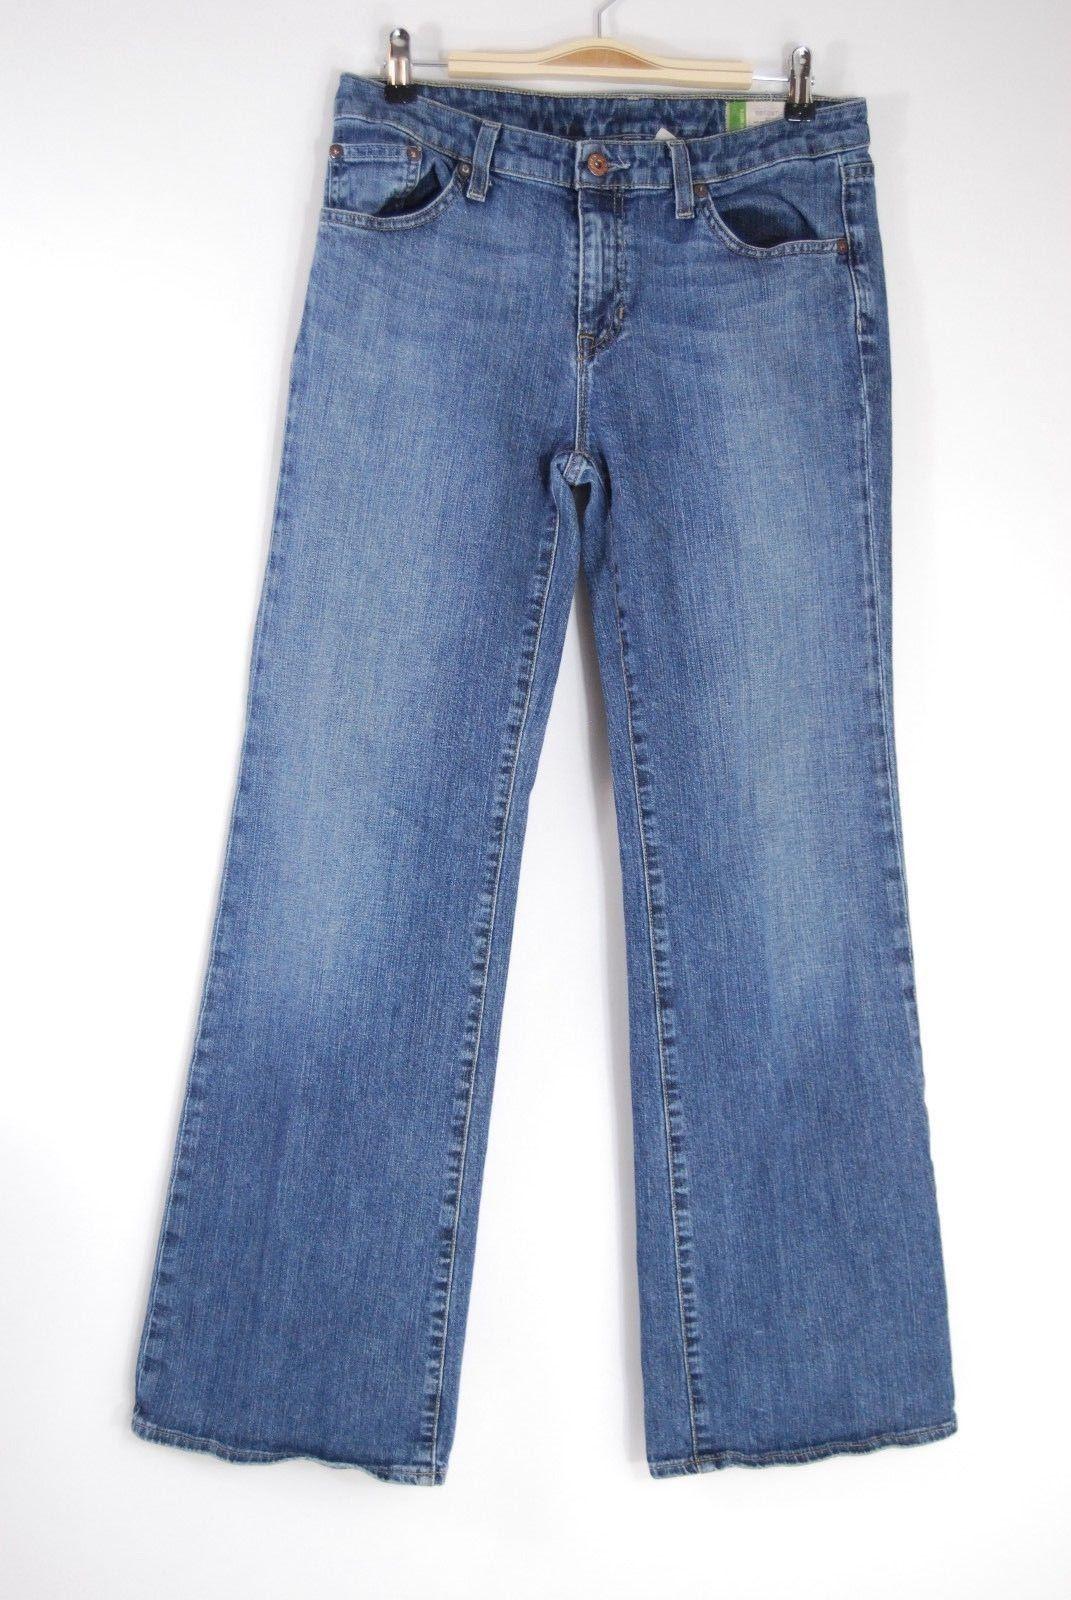 GAP Essential Stretch Boot Cut Jeans - Size 6R